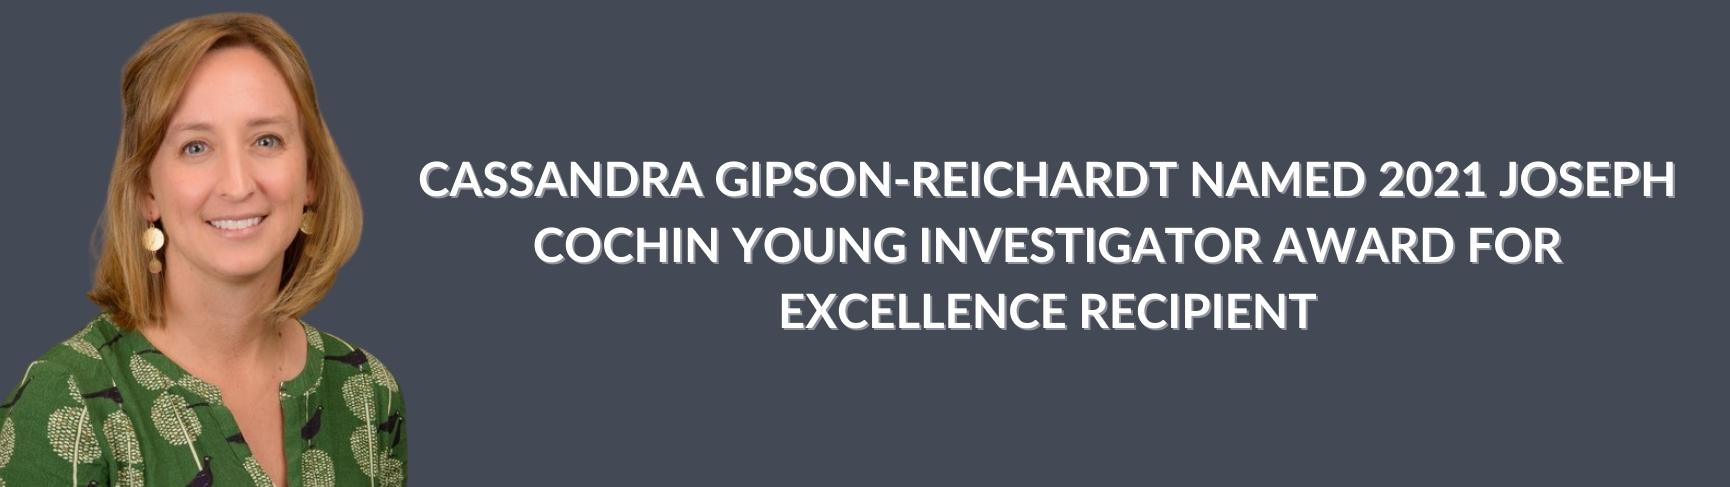 Gipson-Reichardt Cochin Winner - Header Image